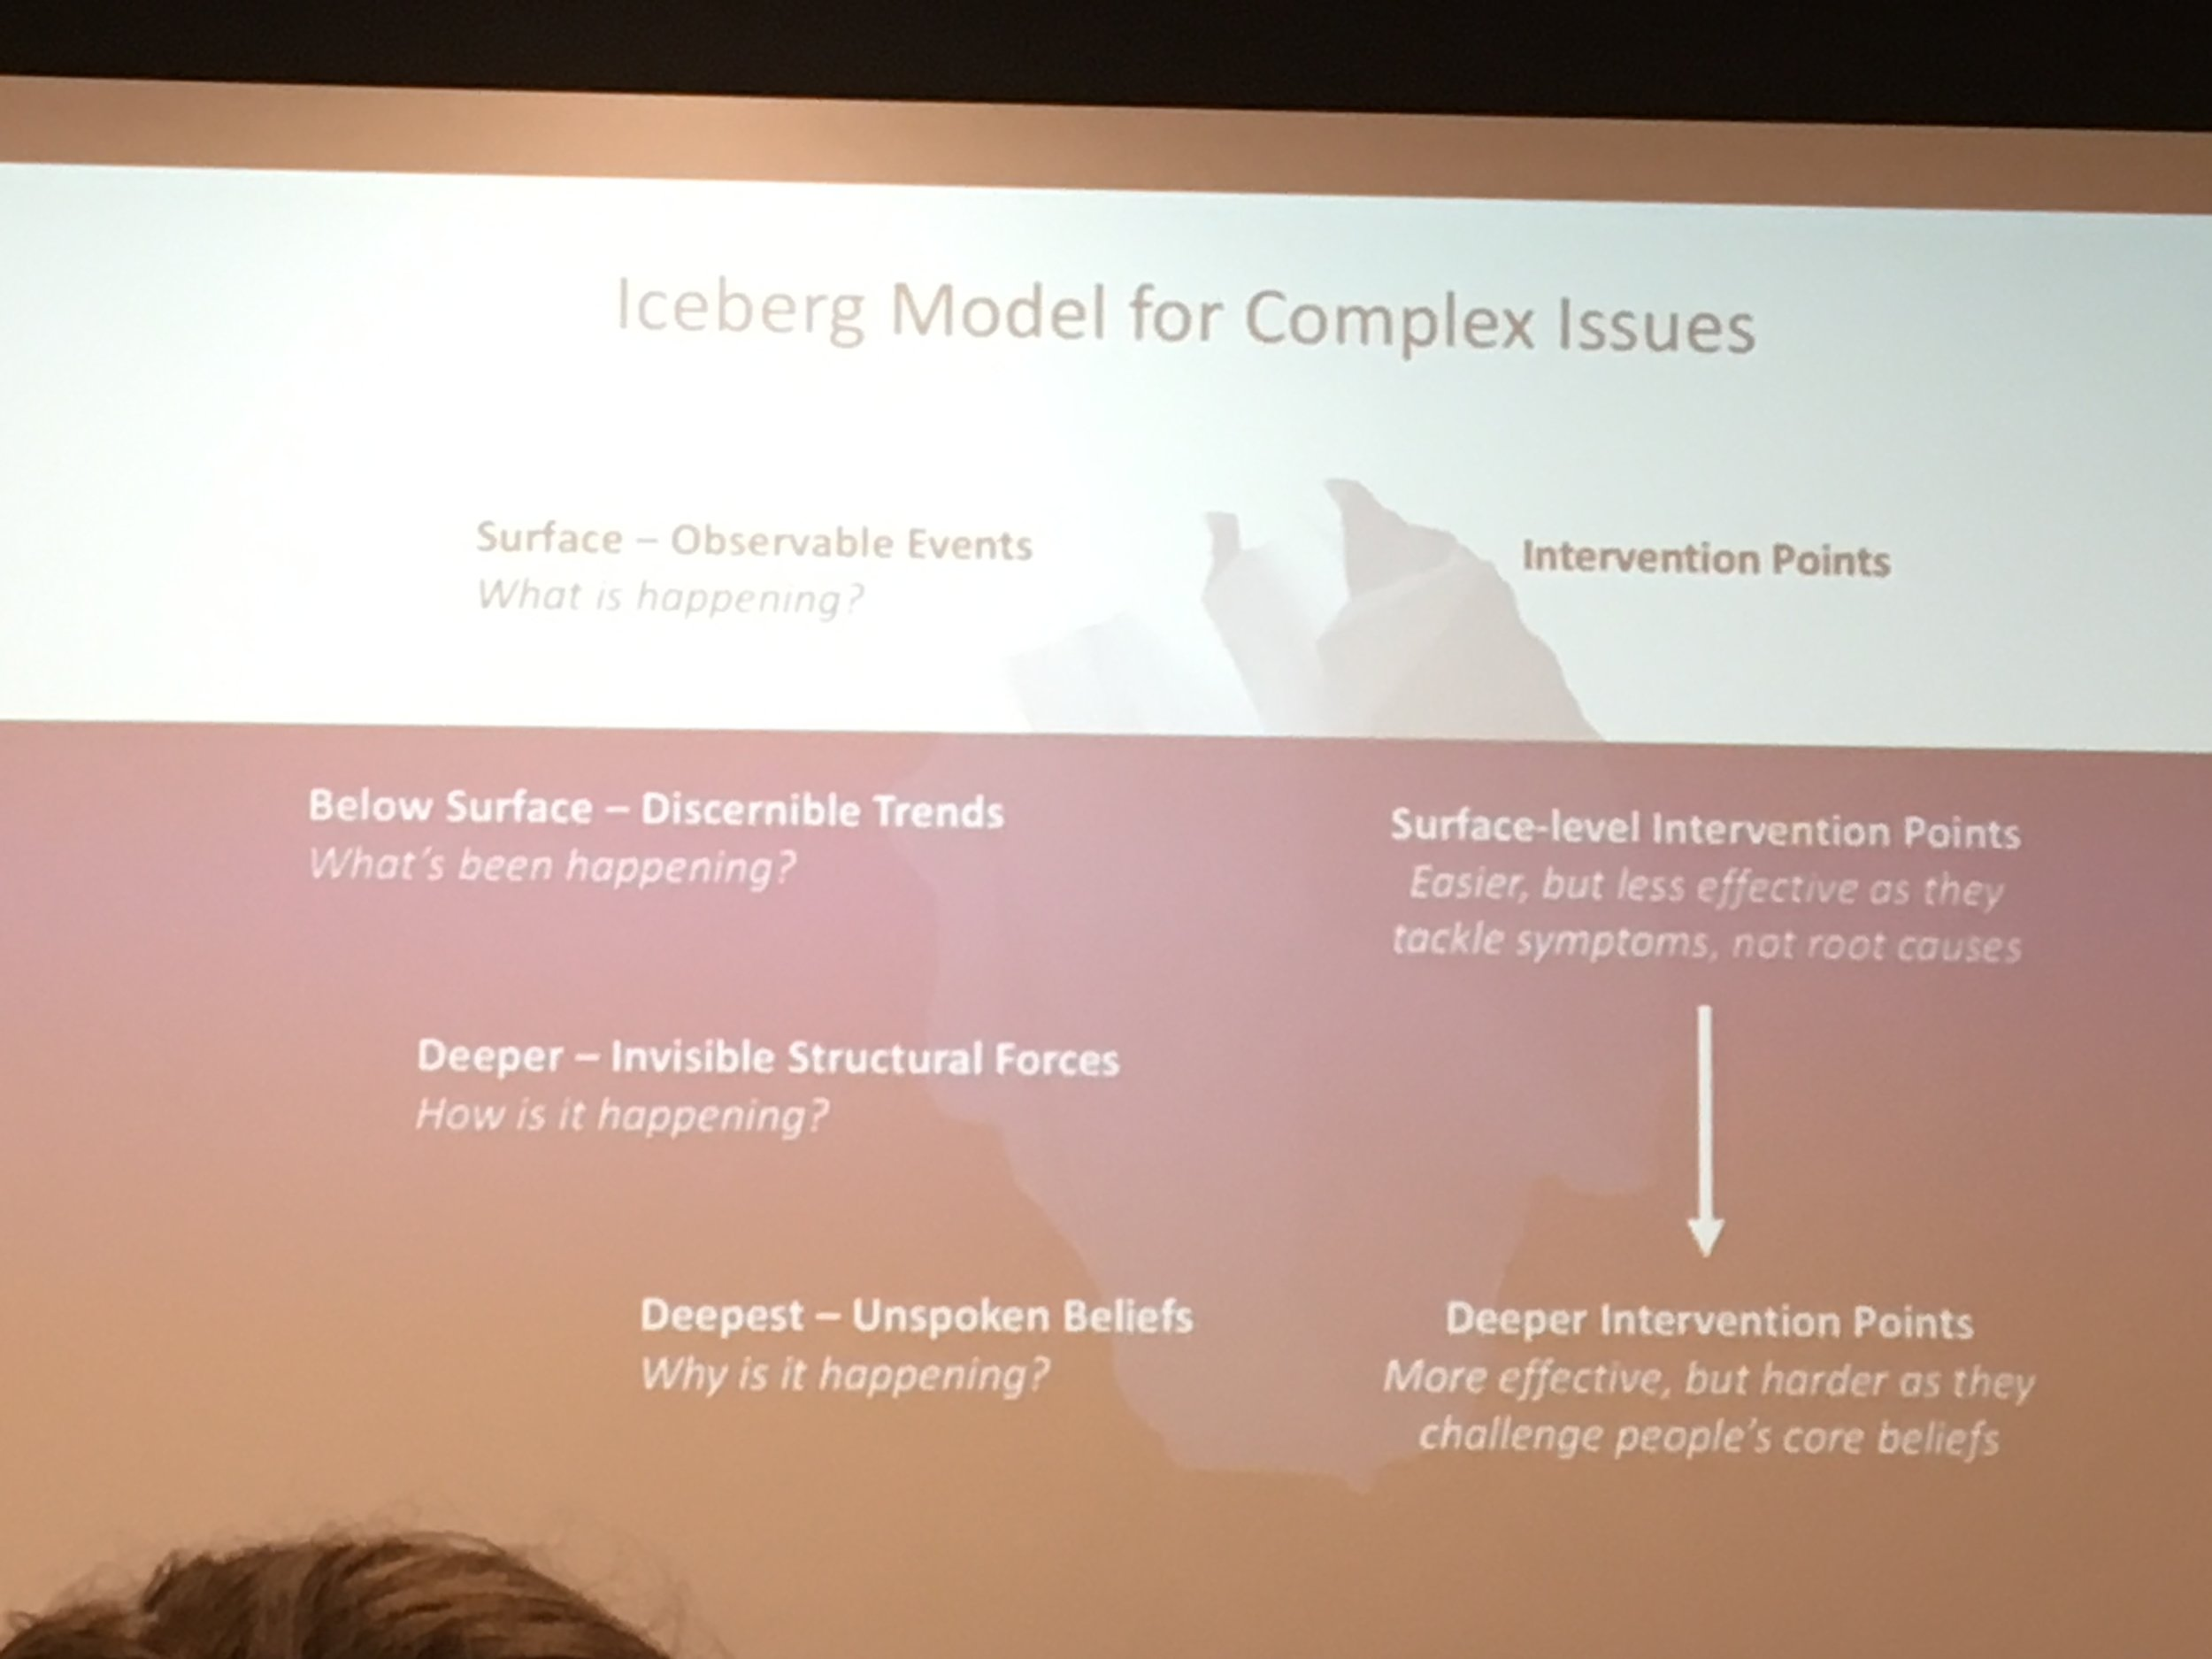 The Iceberg Model